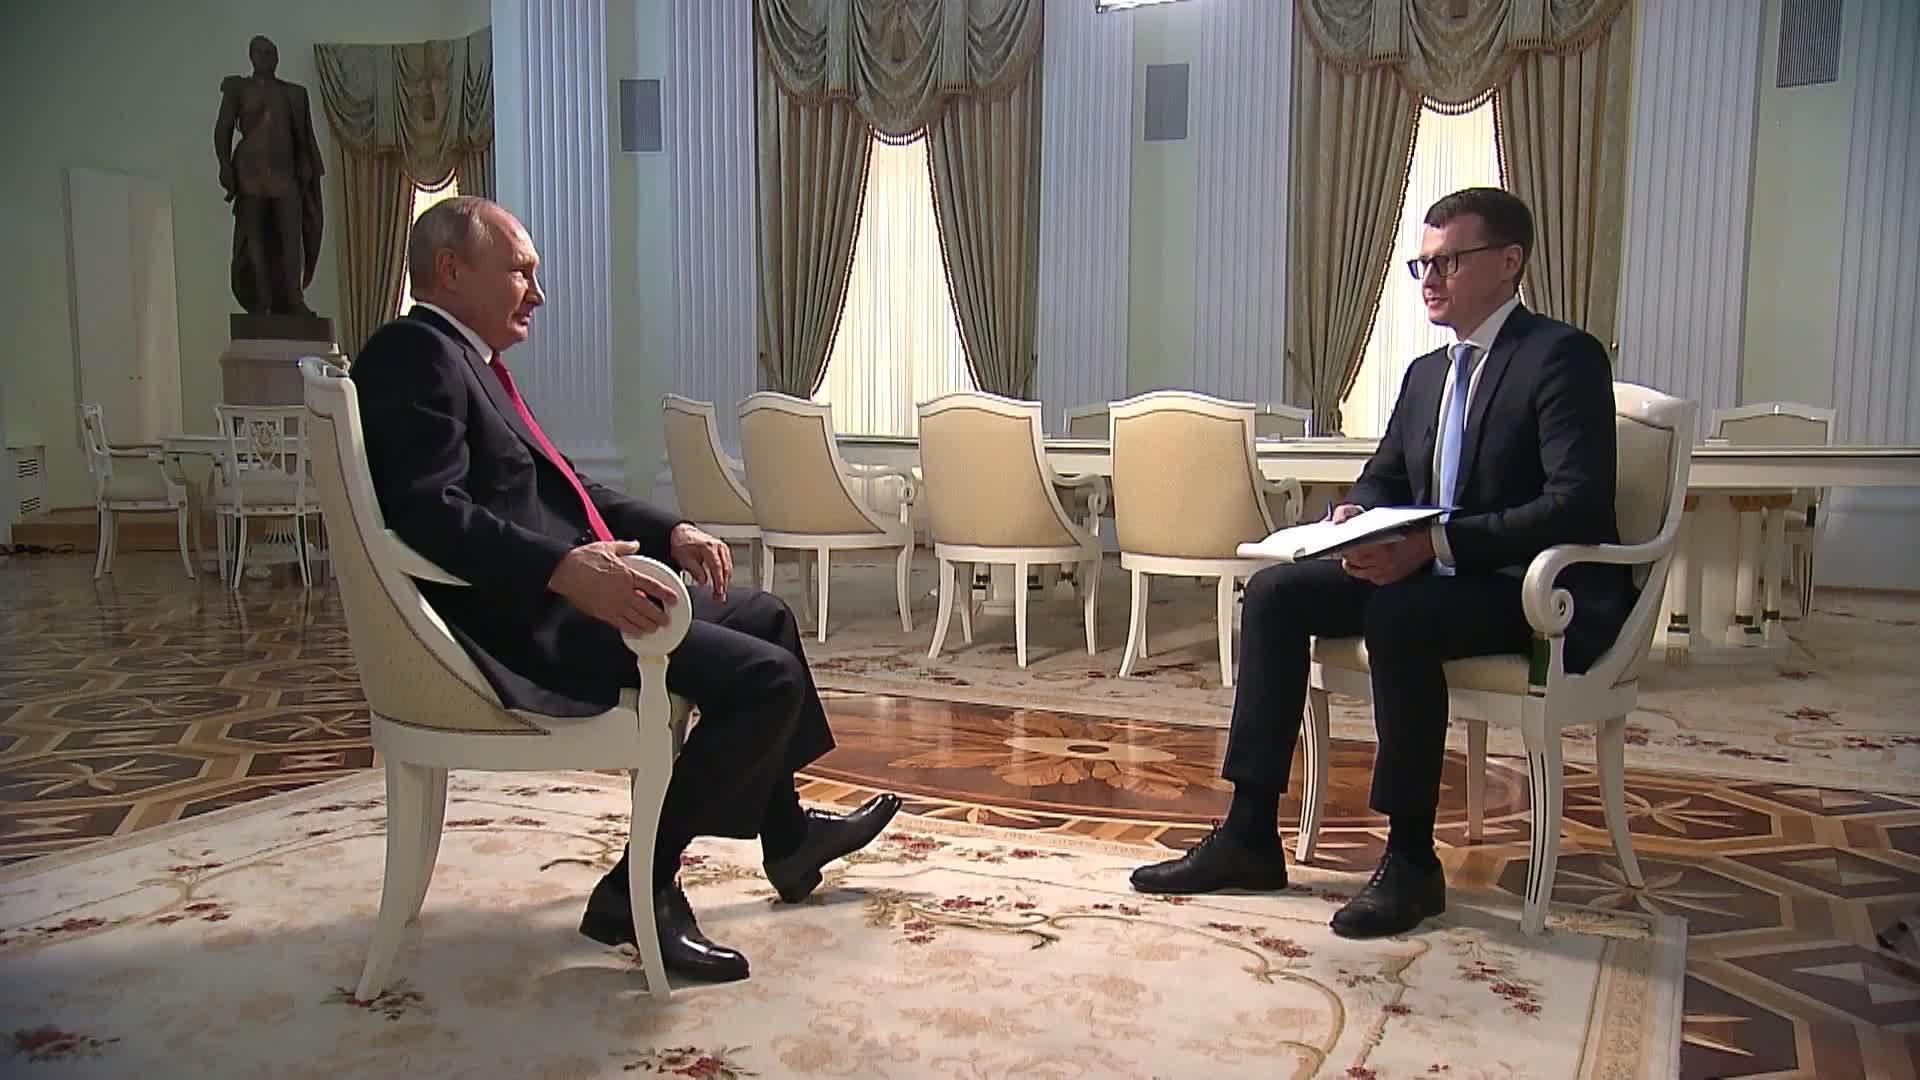 «Это было неожиданно»: первая реакция украинских СМИ на интервью Путина об Украине и Зеленском